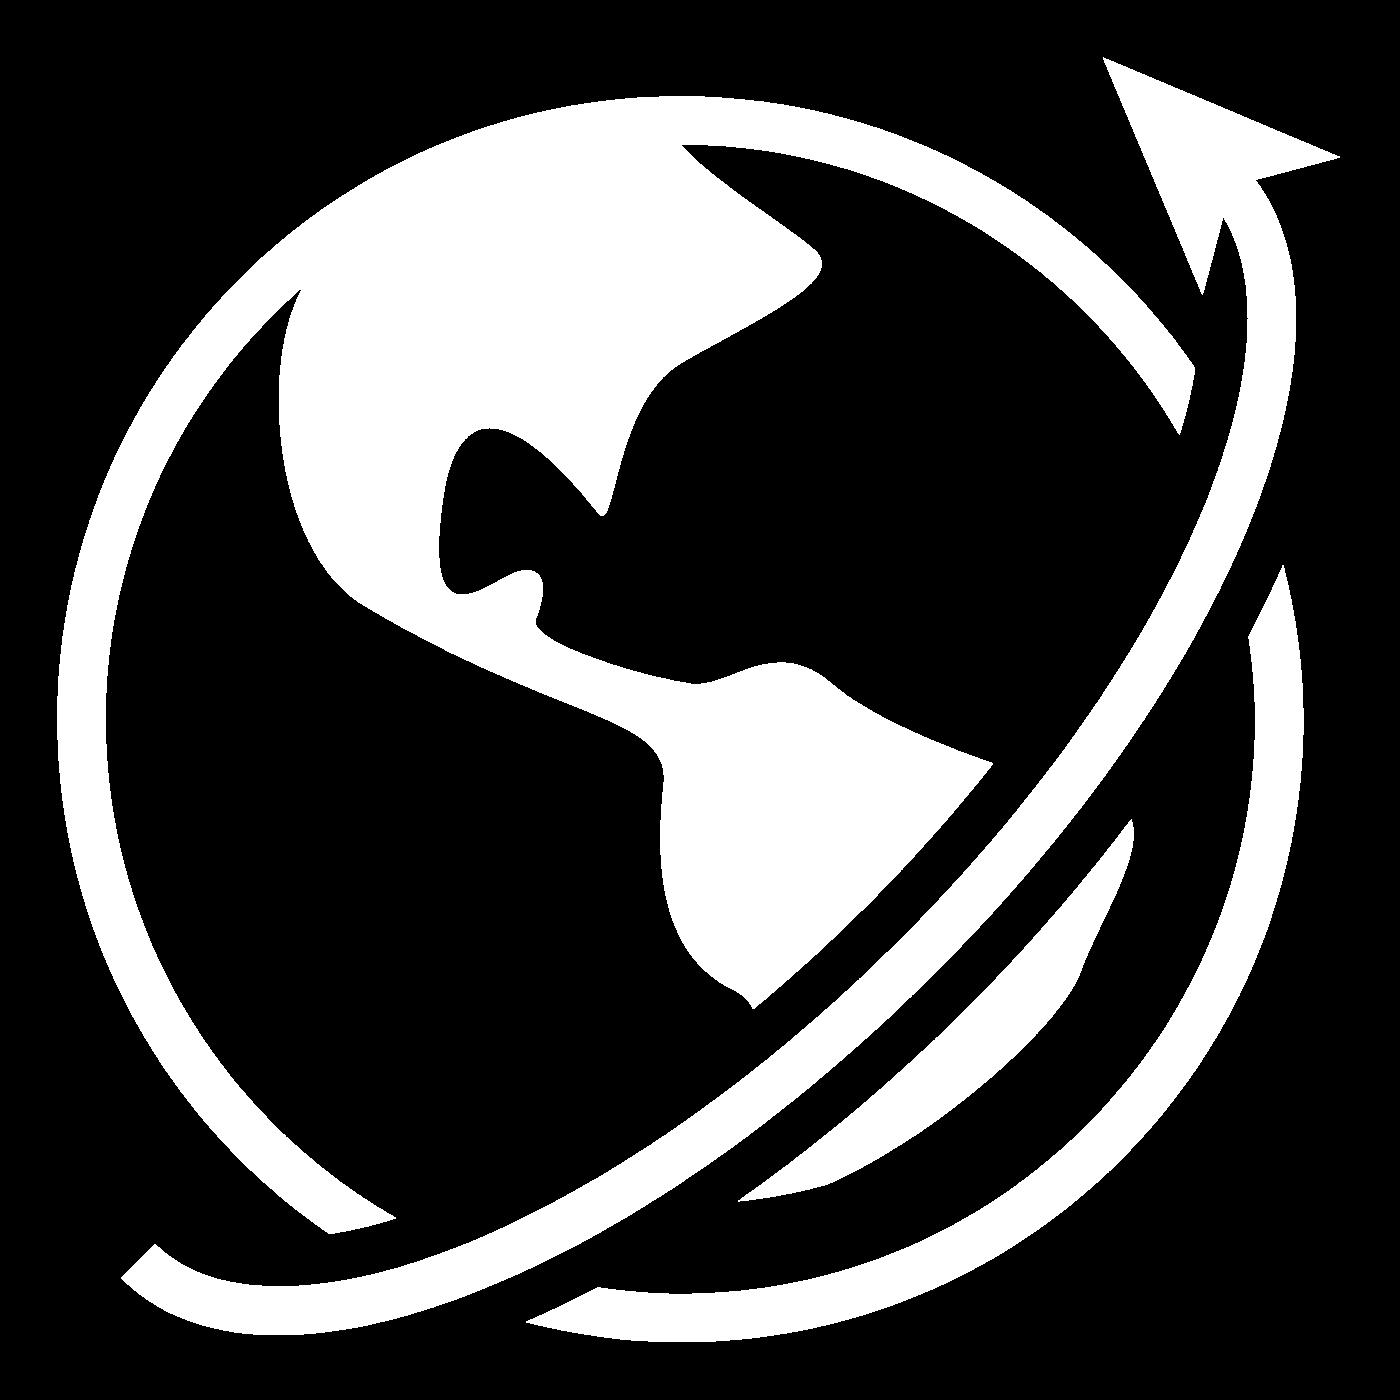 Icon representing world